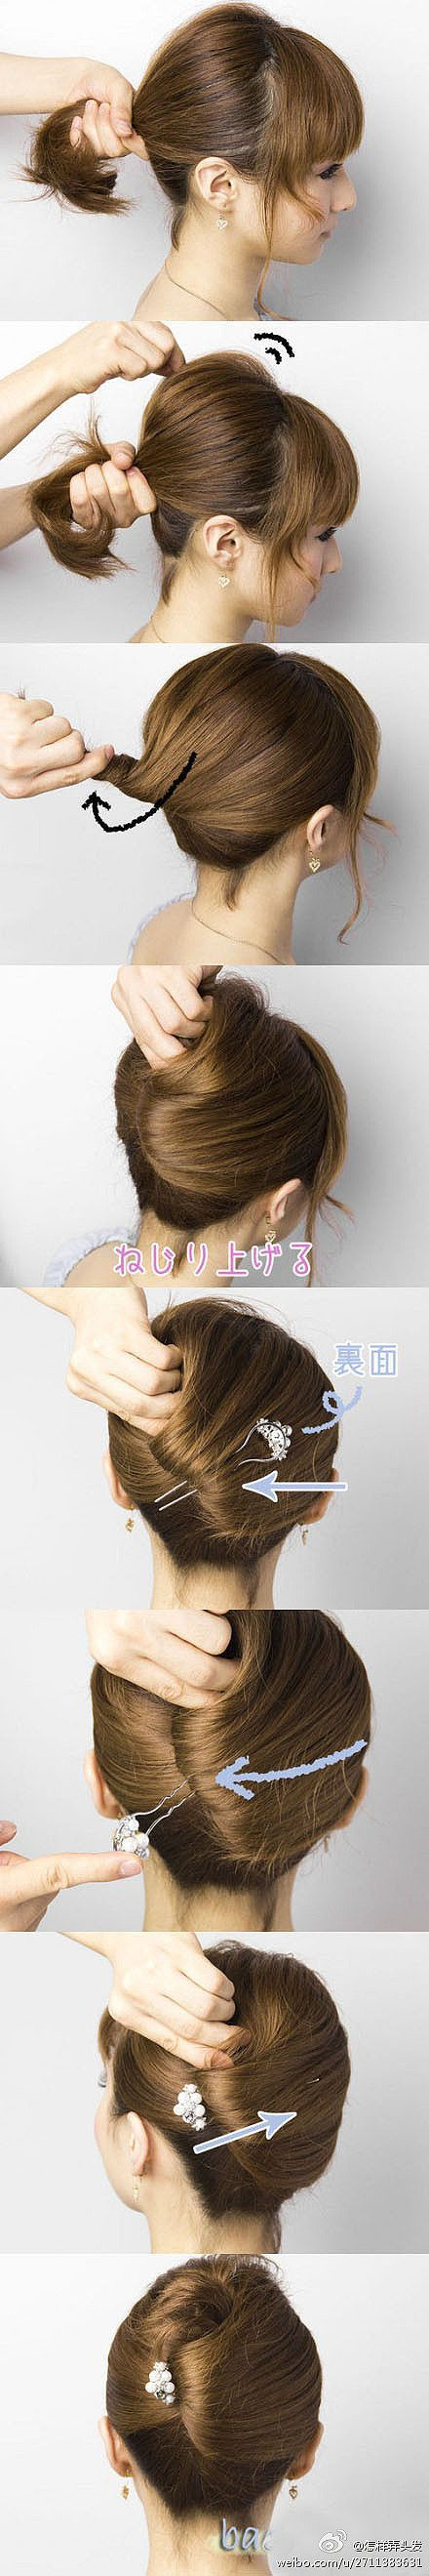 Aprende cómo hacer un moño con el cabello corto